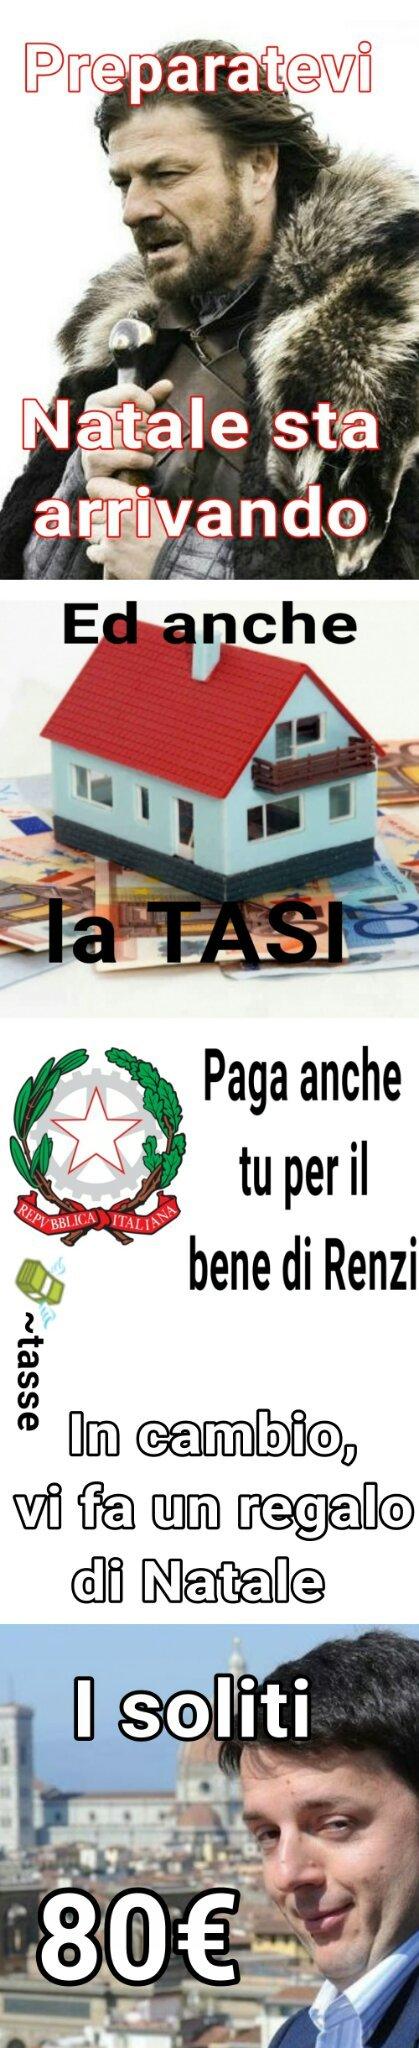 *SCORRETE SOTTO*, Babbo Natale e Renzi stanno arrivando!, leggetelo che è diverso! Cito -MrBean- e QuellicheBenPensano - meme